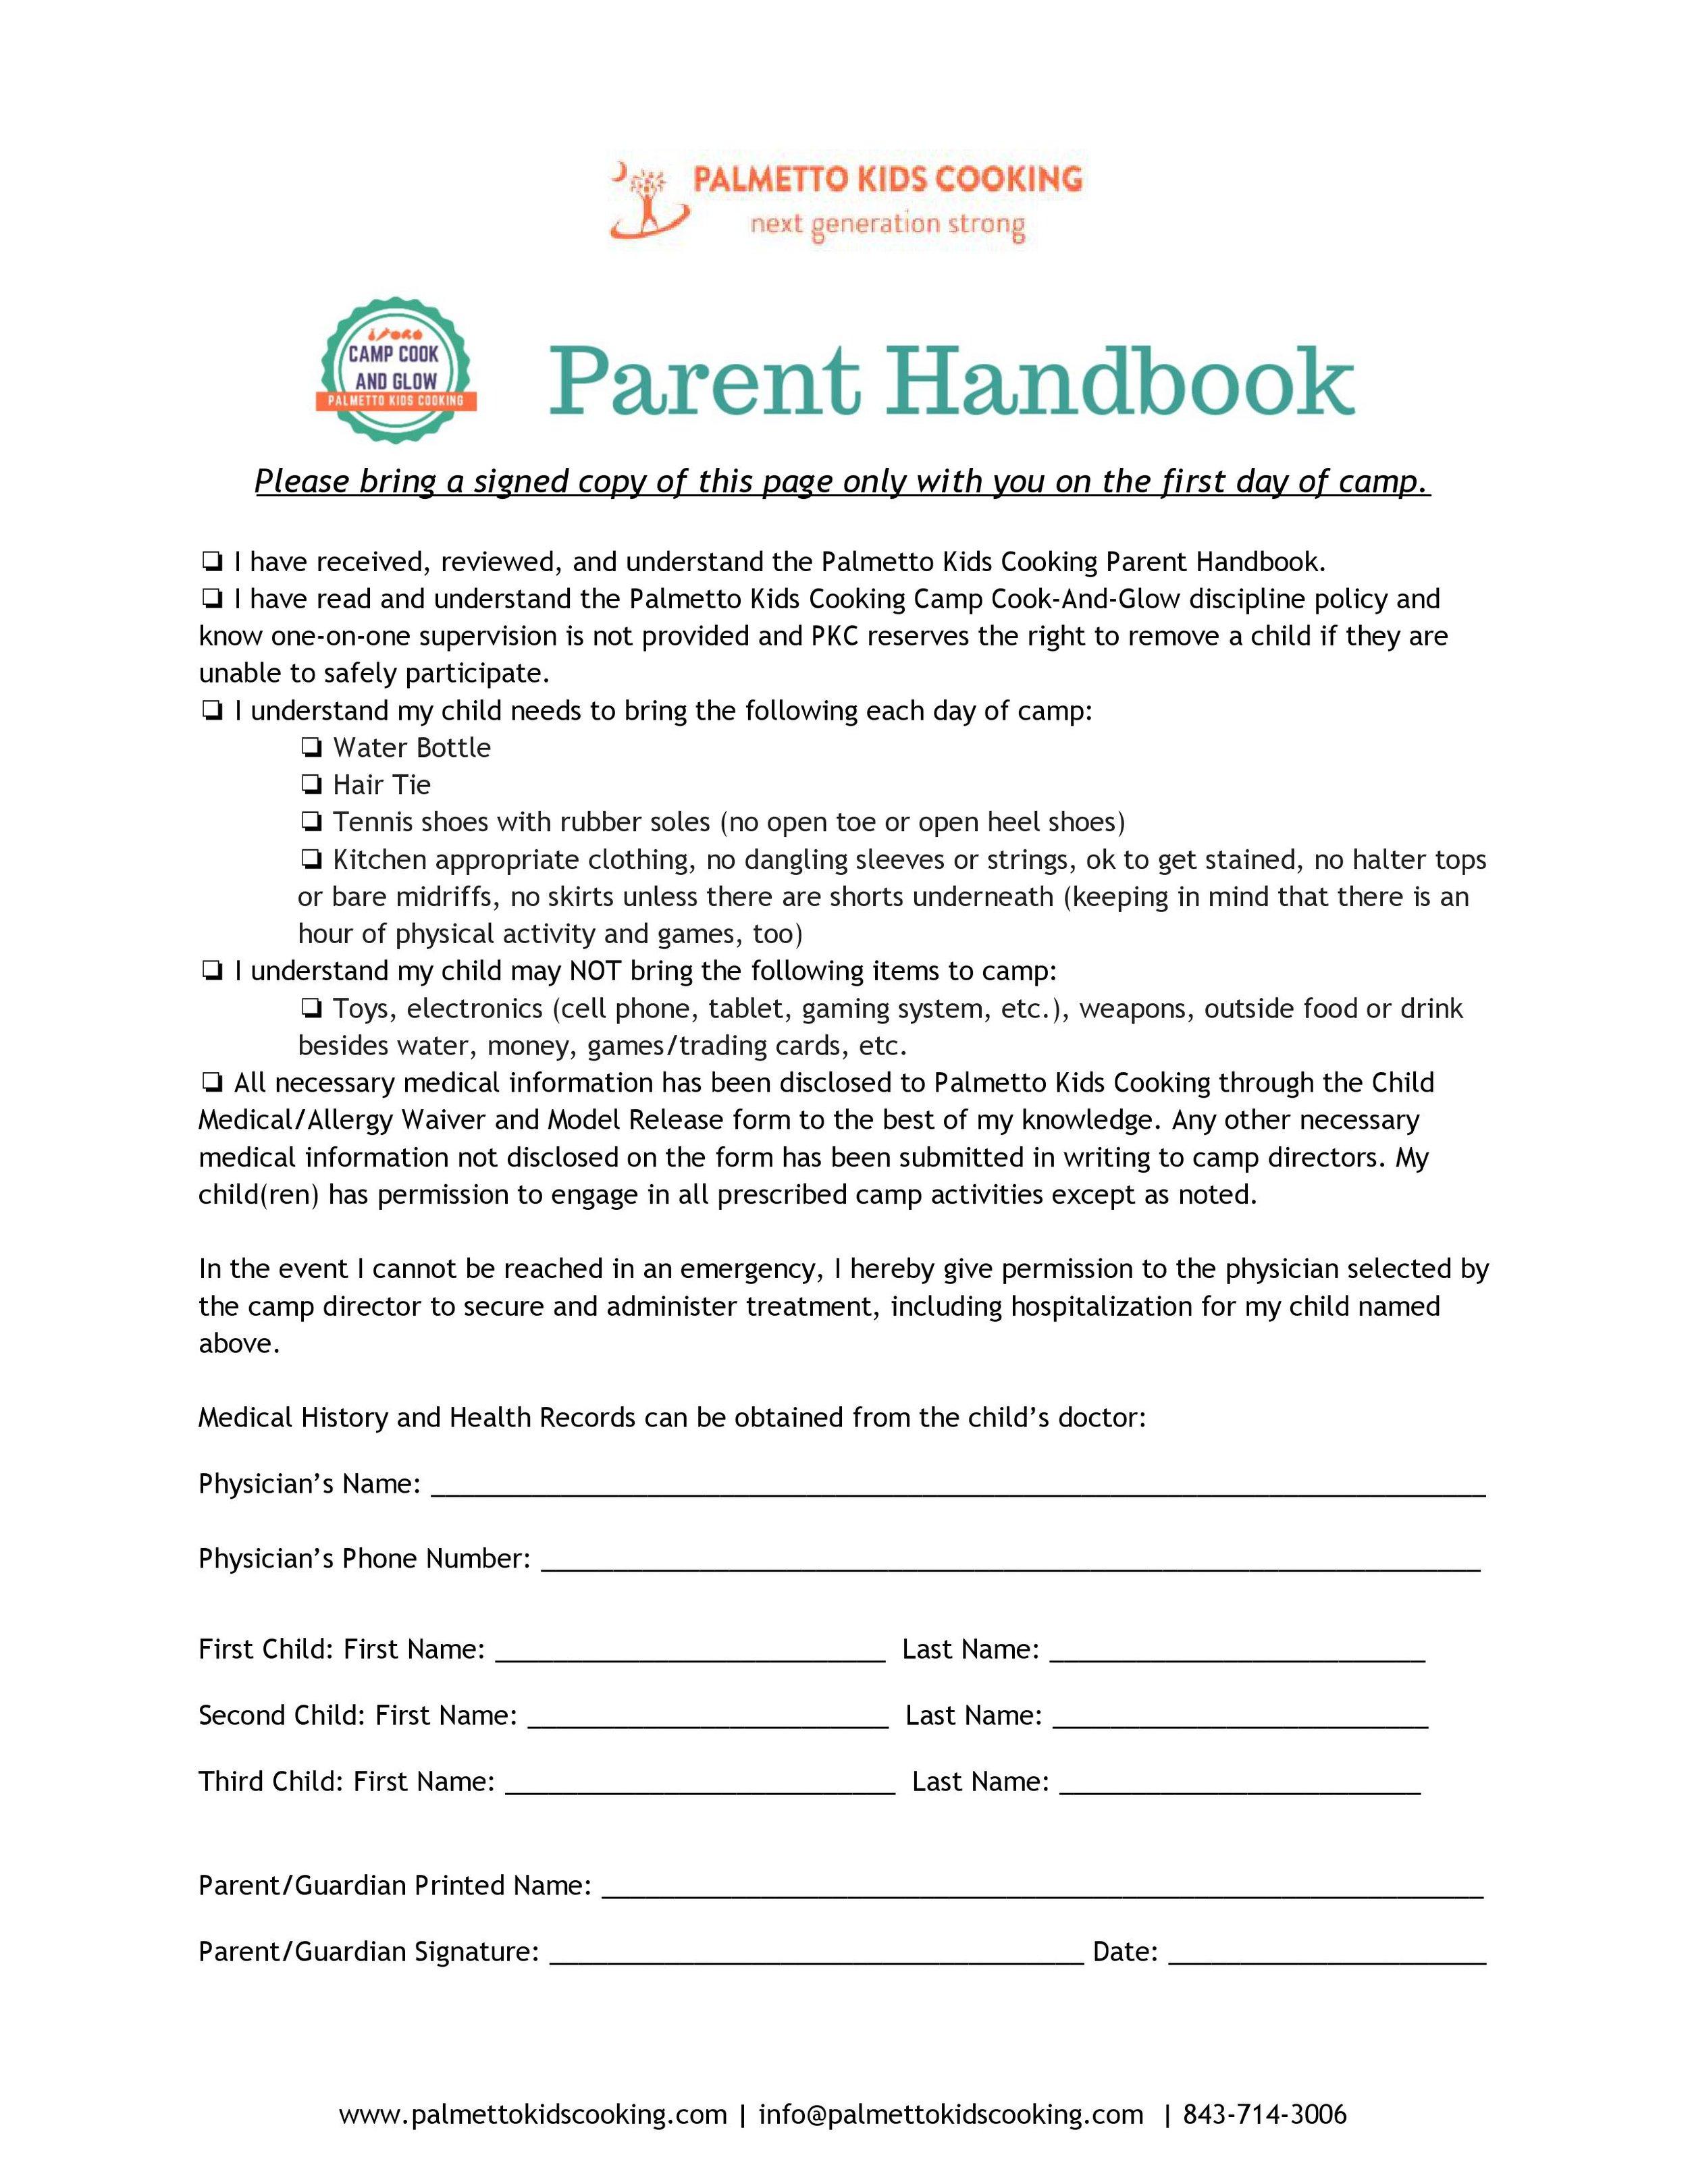 Parent Handbook (8).jpg